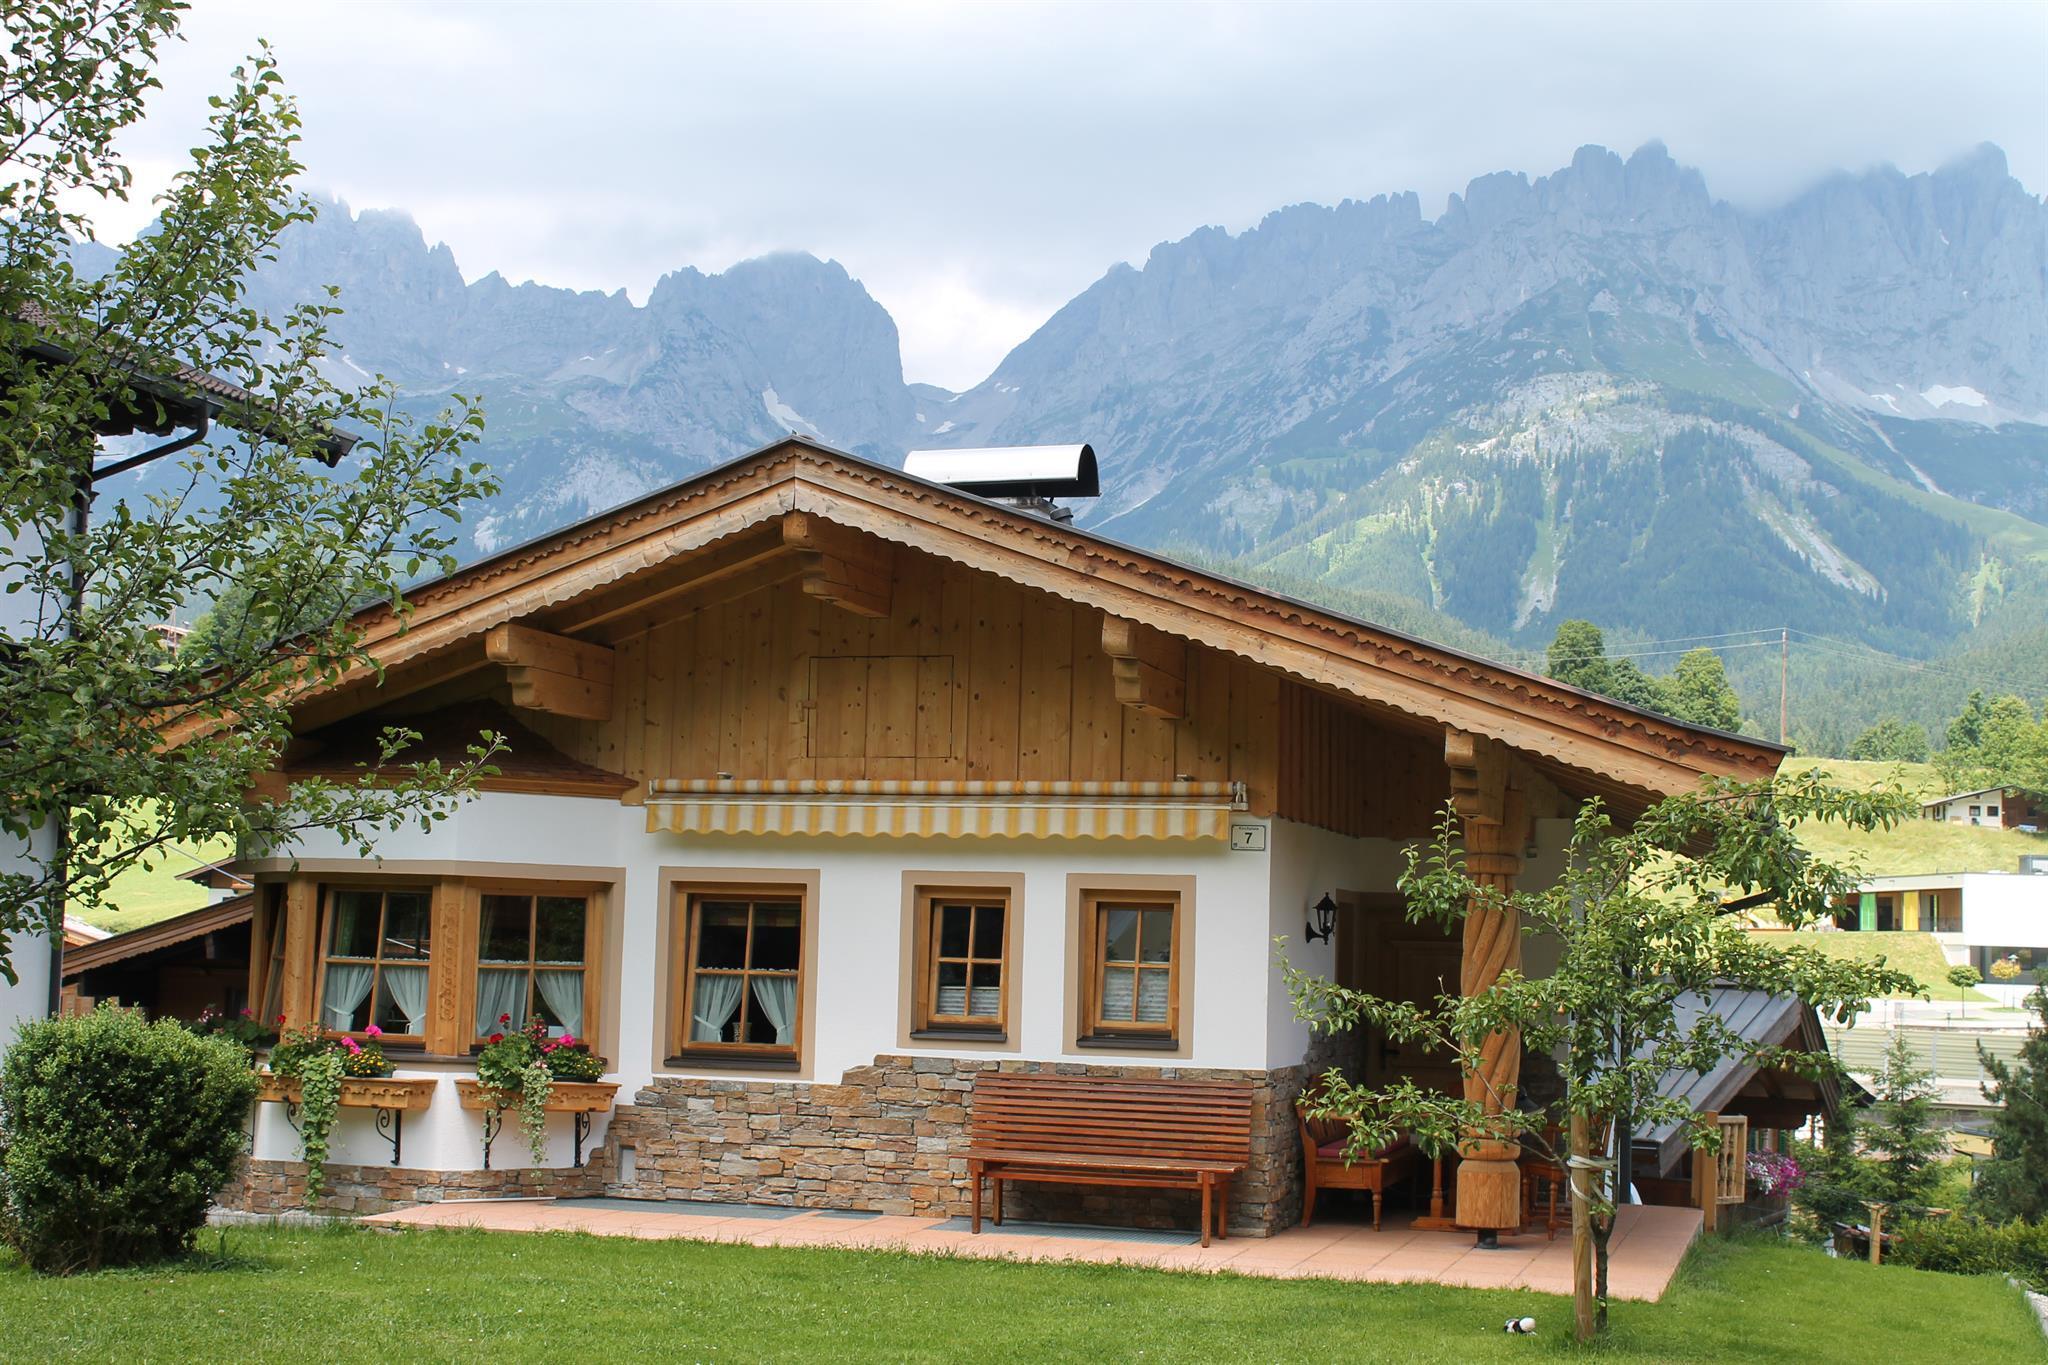 Maison de vacances Bichler's Ferienhaus Ferienhaus/2 Schlafräume/Bad, WC (2616276), Going am Wilden Kaiser, Wilder Kaiser, Tyrol, Autriche, image 10